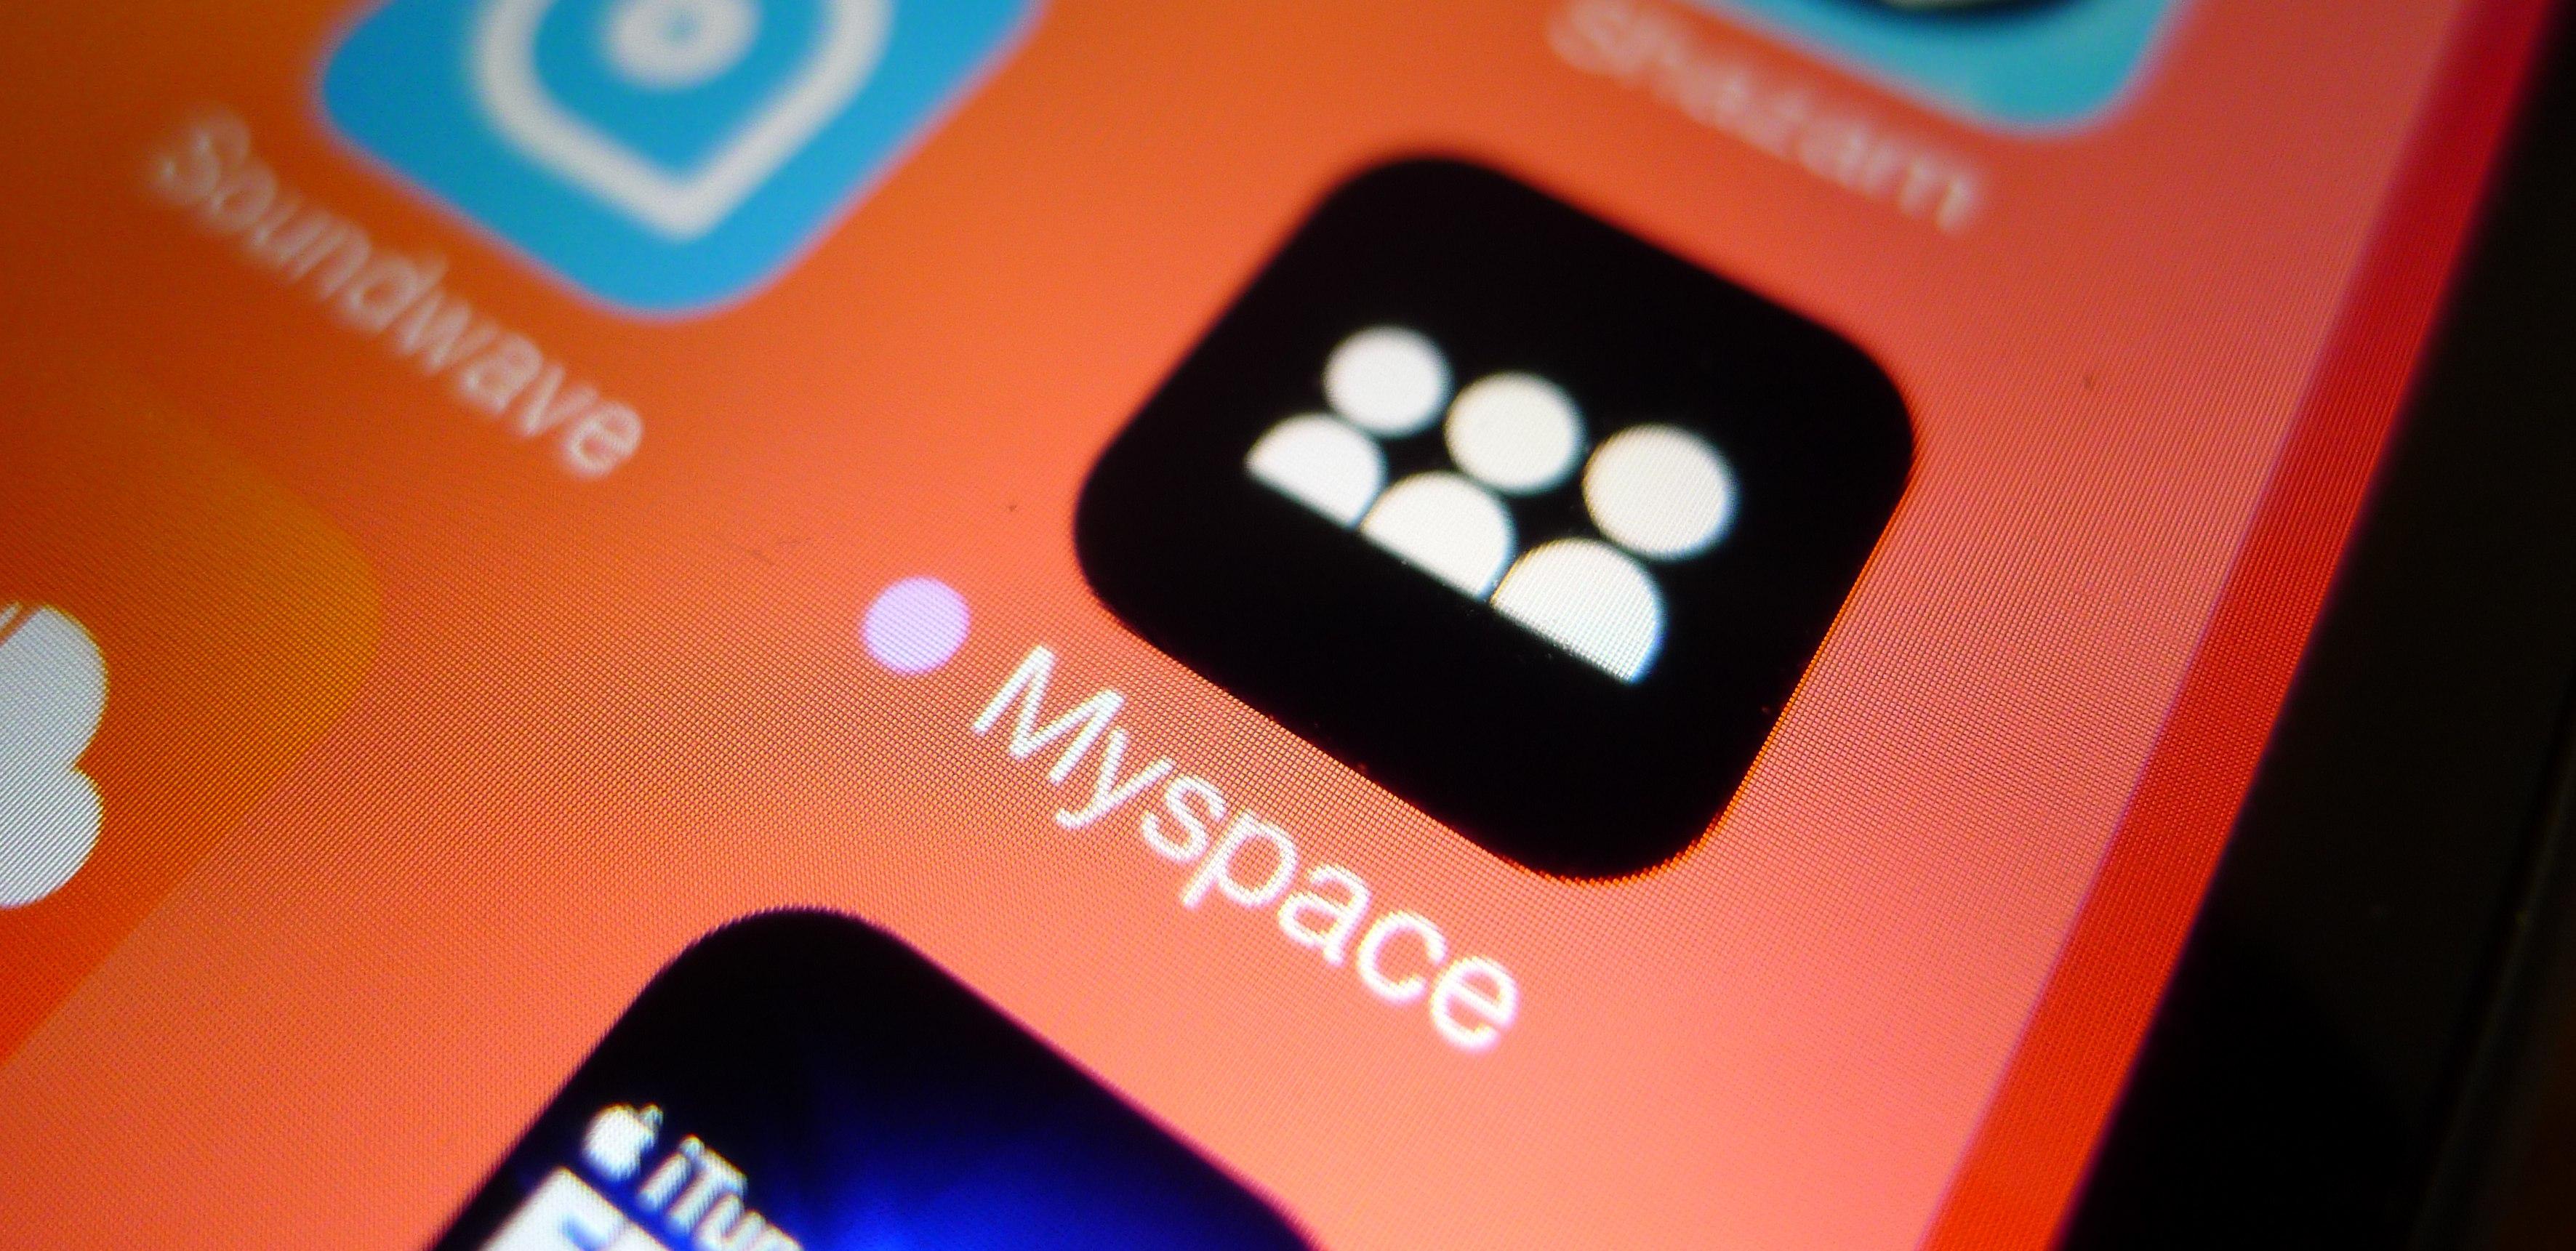 Myspace